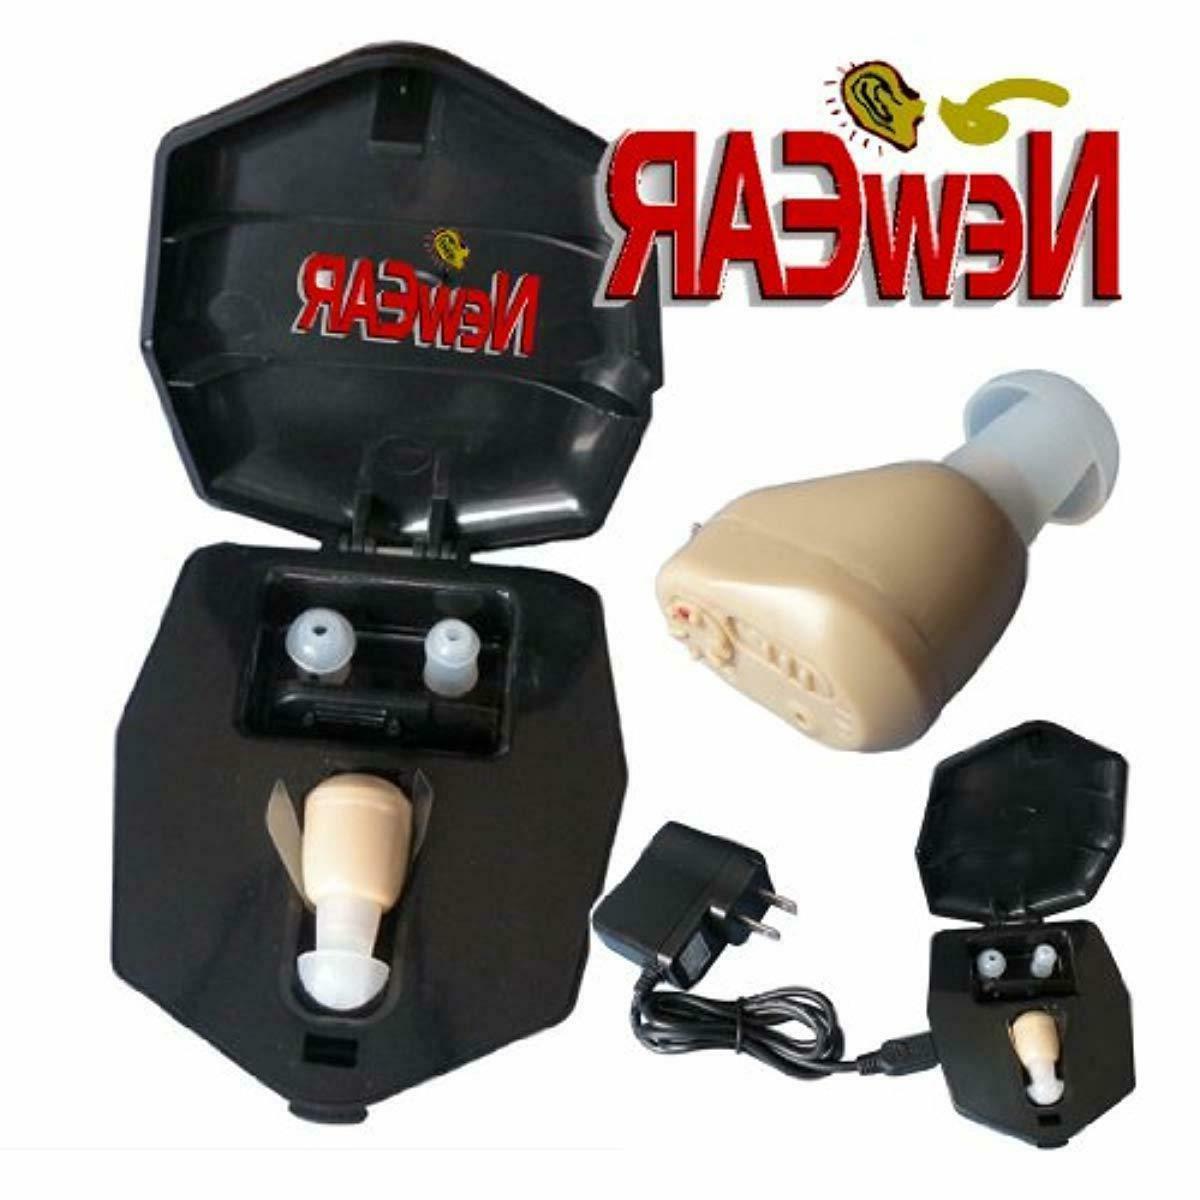 newear ite mini ear amplifier rechargeable microtron